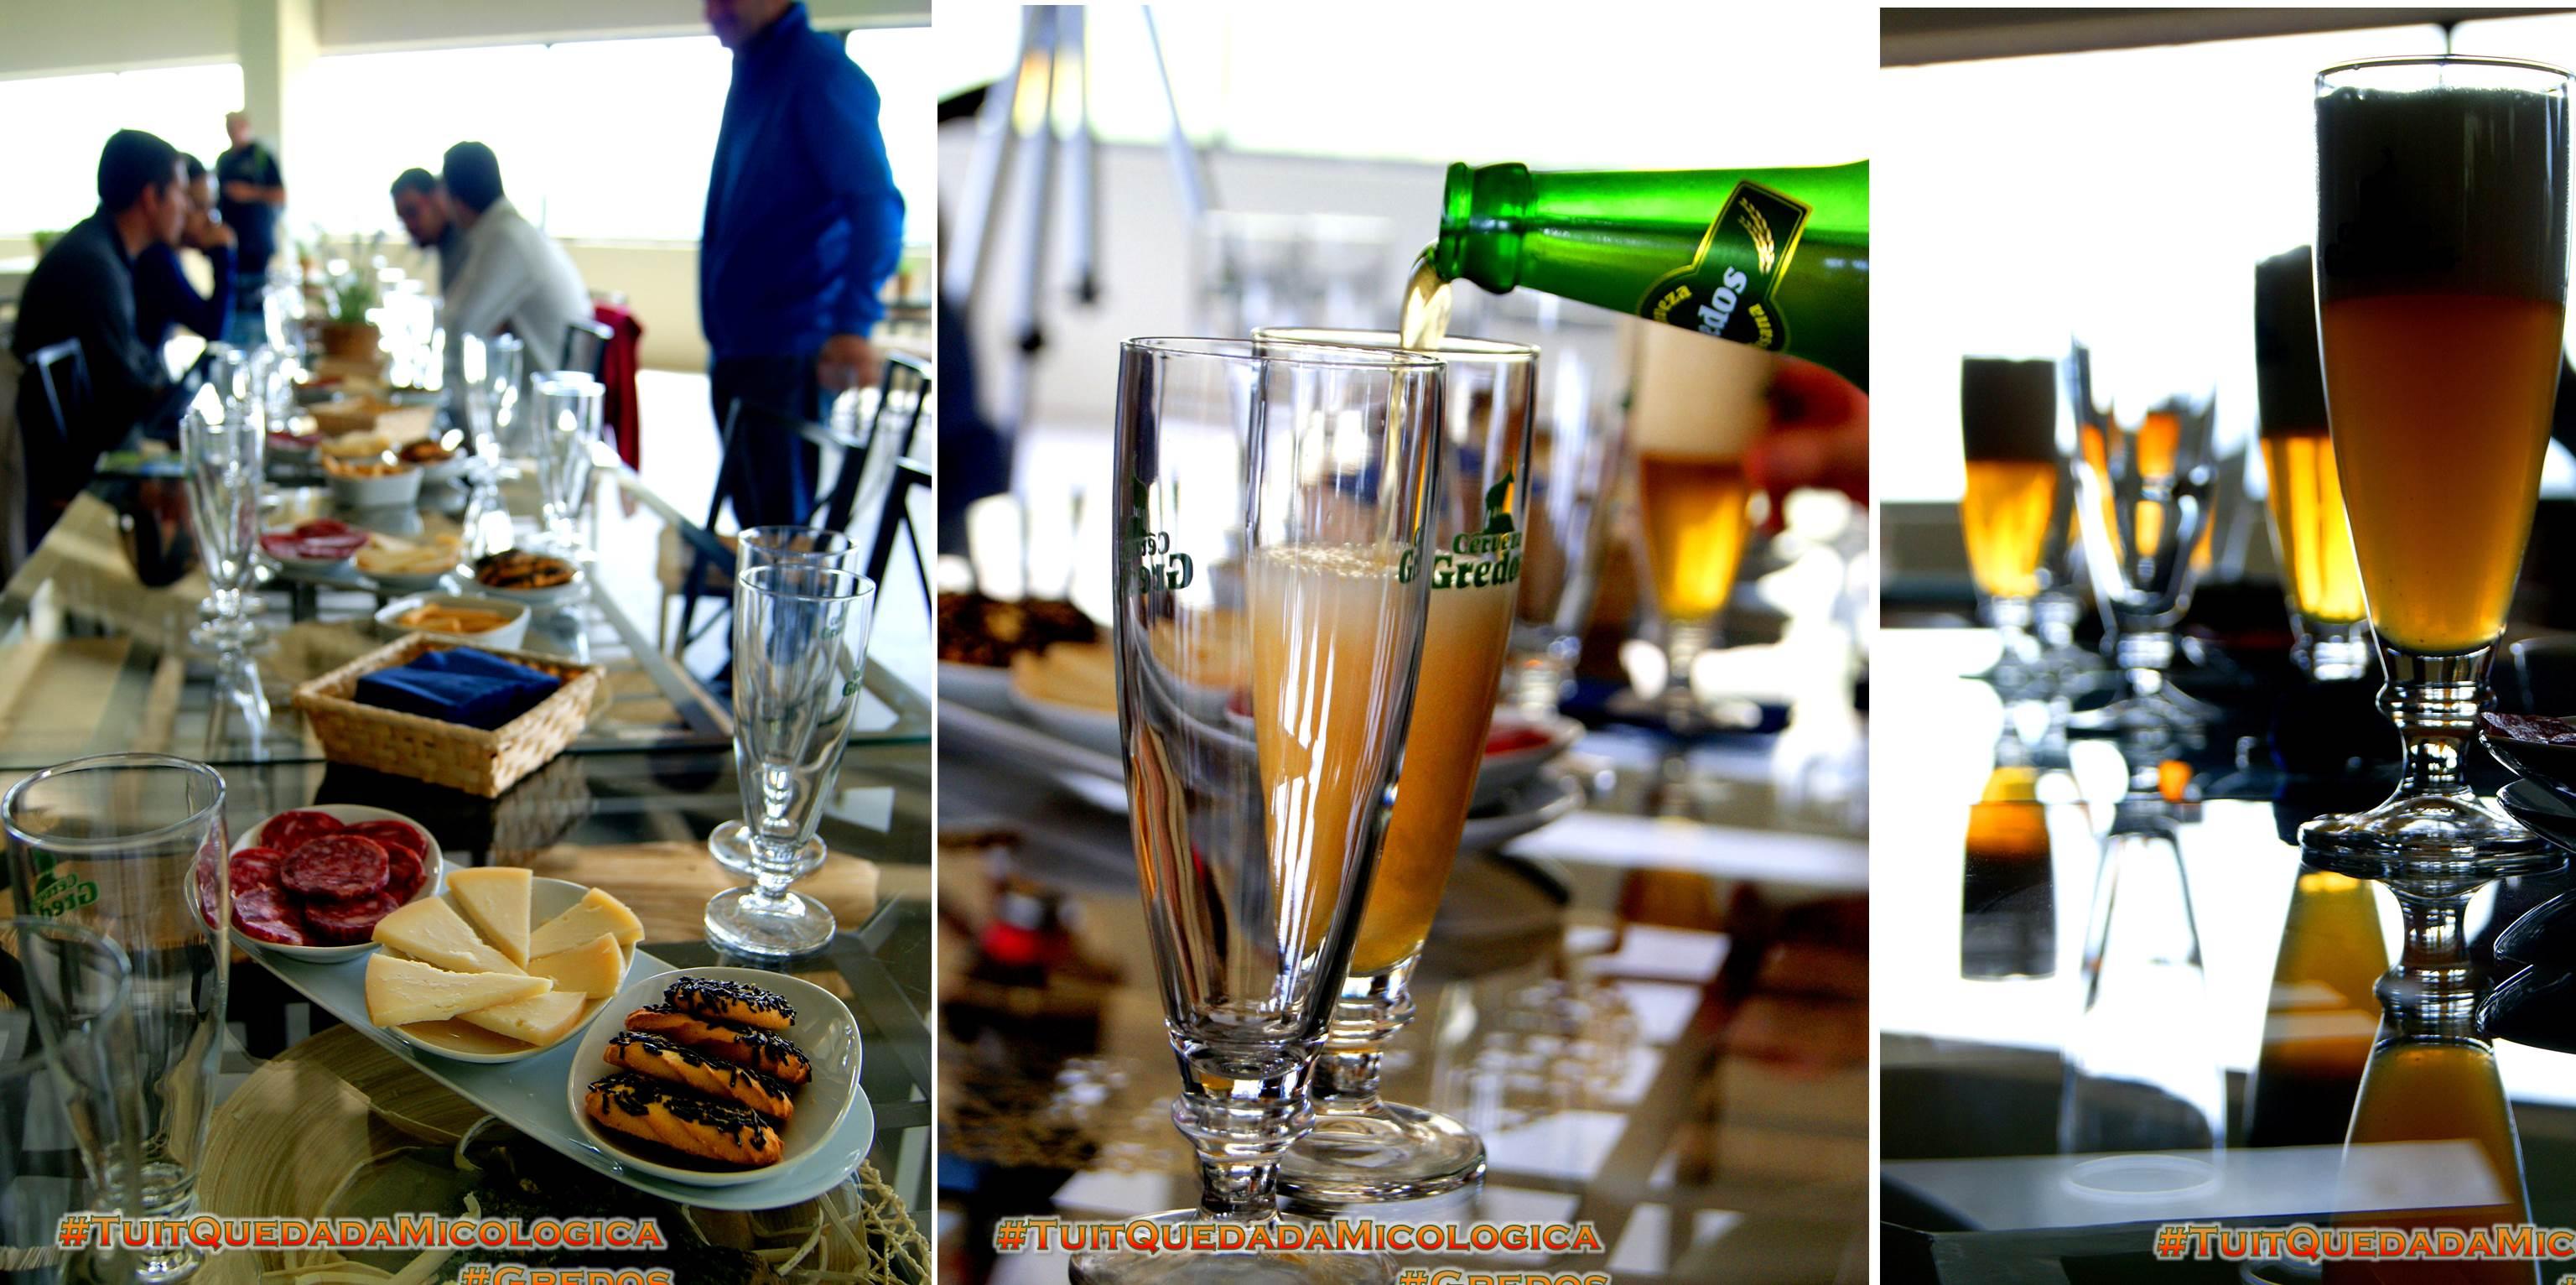 Cerveza de Gredos, la fábrica en Hoyocasero, Gredos, durante la #TuitQuedadaMicologica